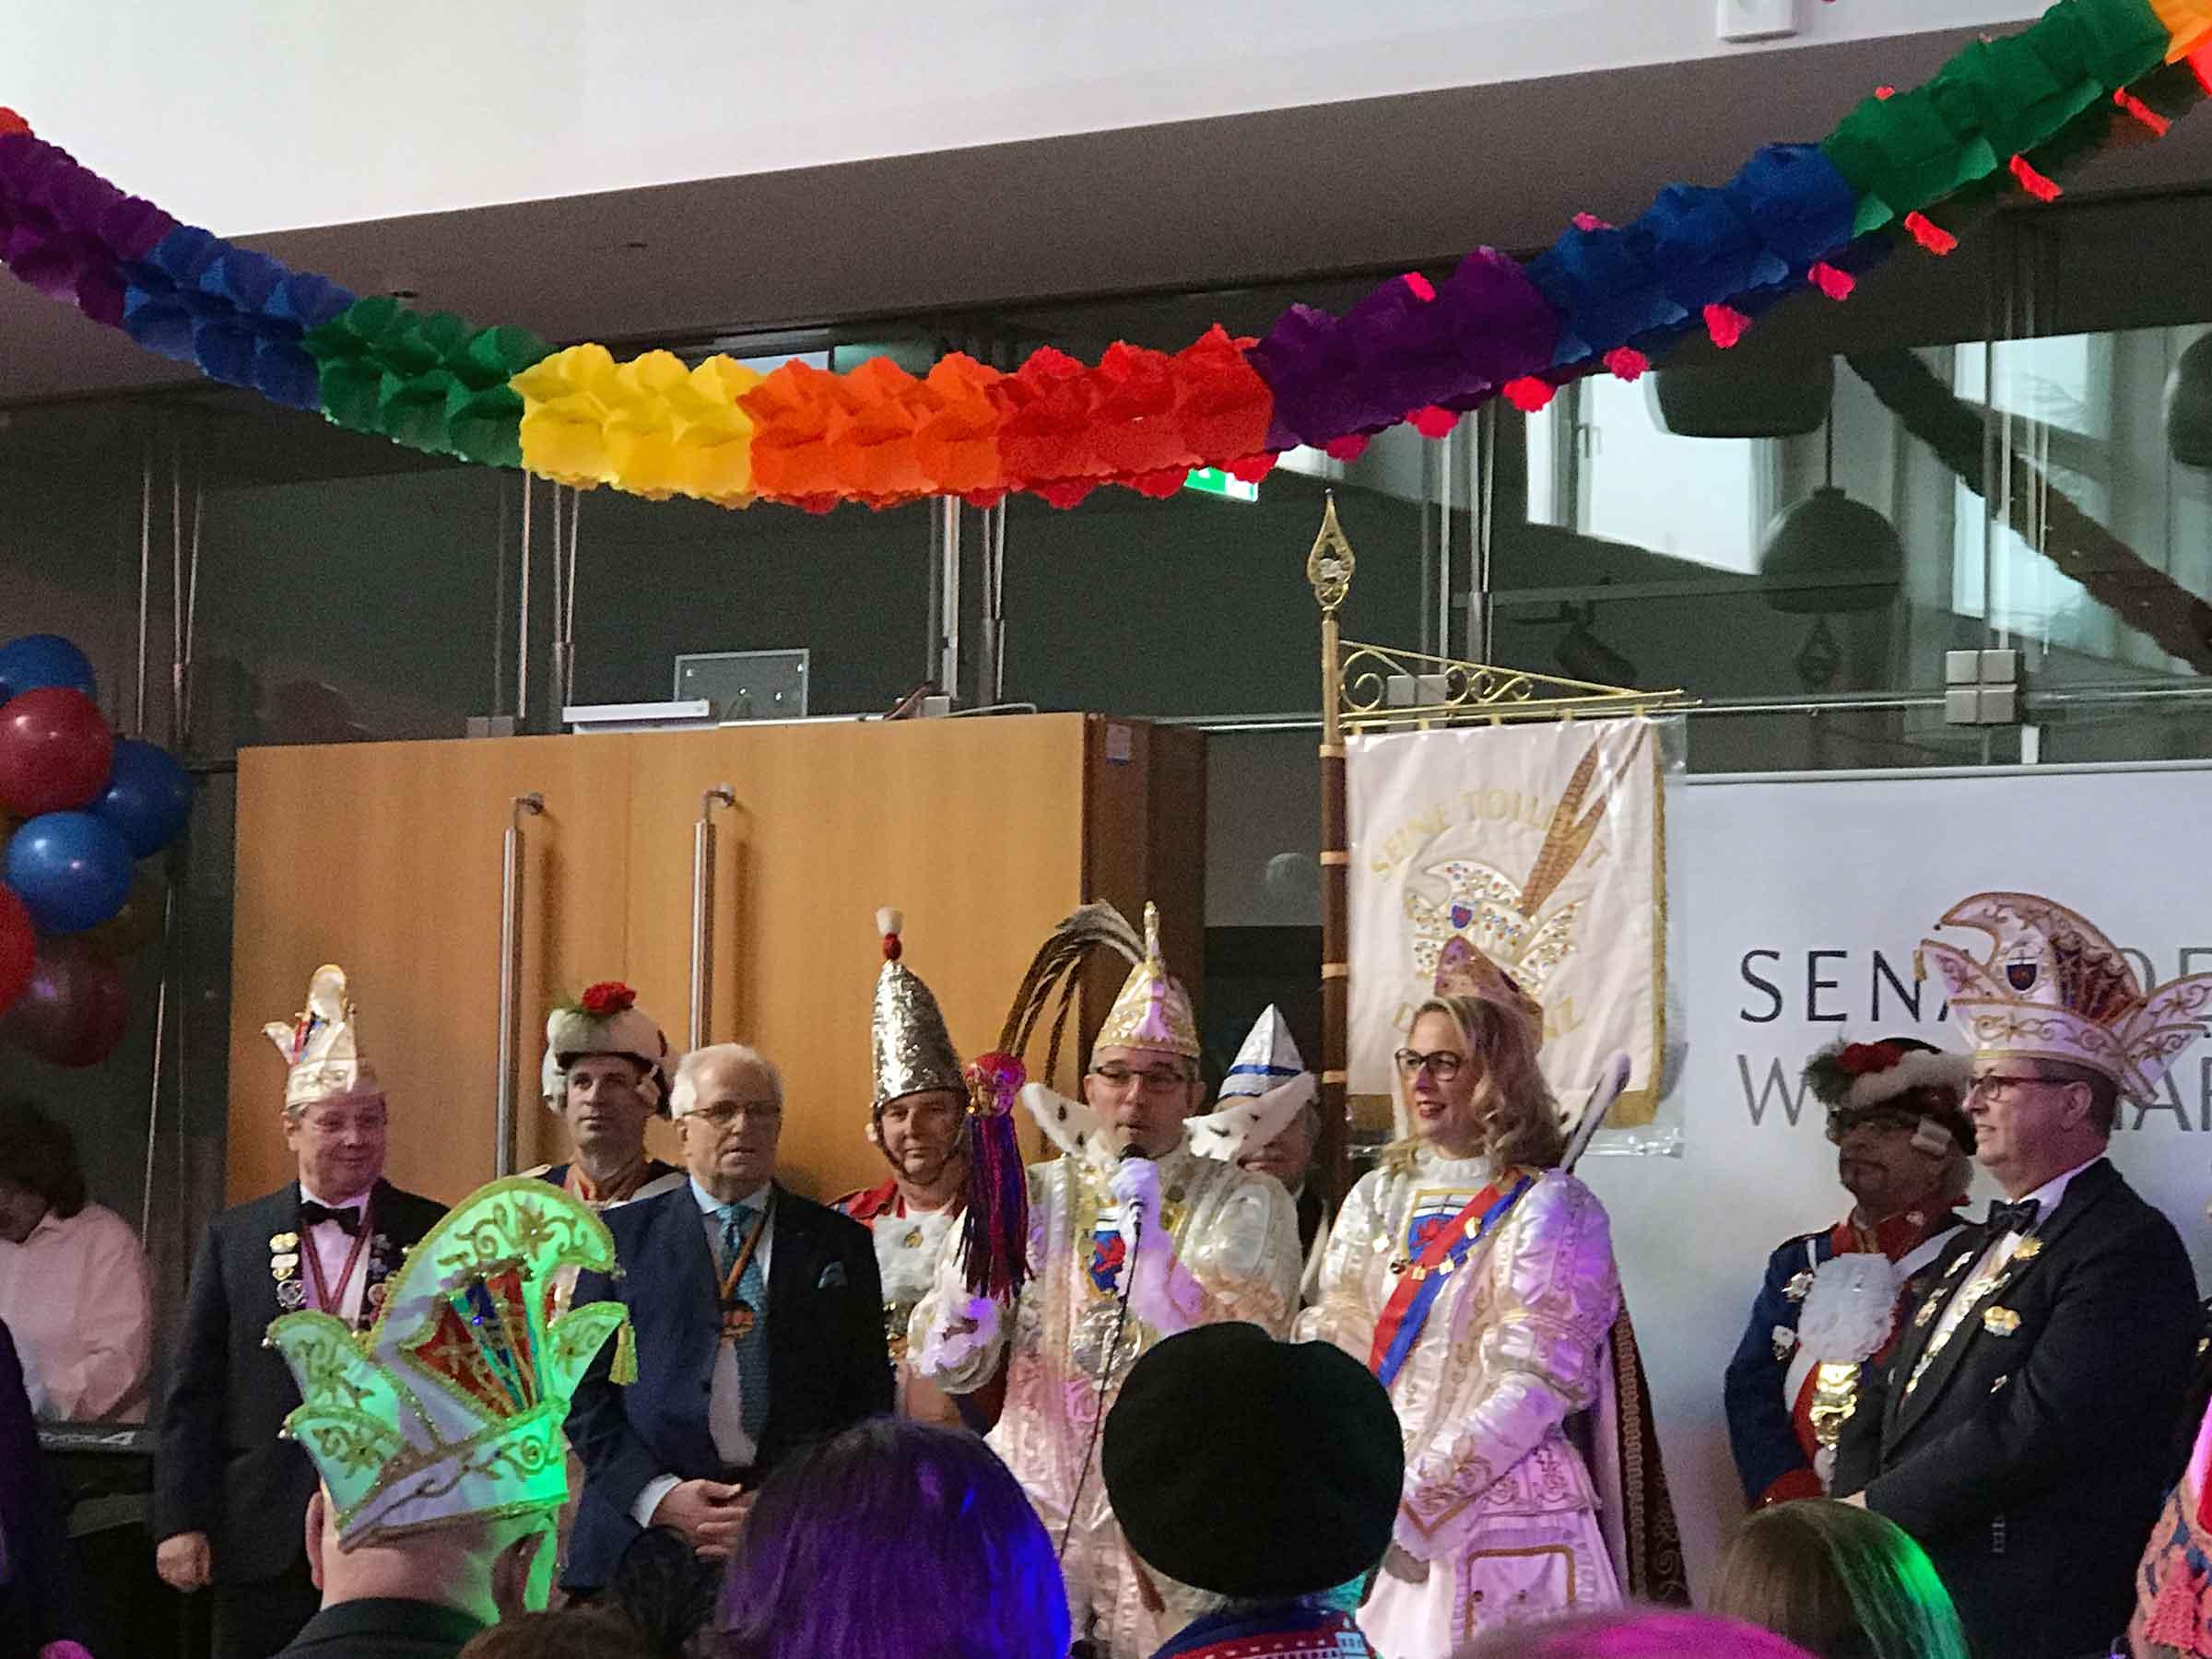 Viele Menschen stehen auf oder vor der Bühne, darüber eine bunte Girlande. Die Menschen auf der Bühne tragen karnevalistische Kopfbedeckungen. Der Prinz spricht in ein Mikrofon.